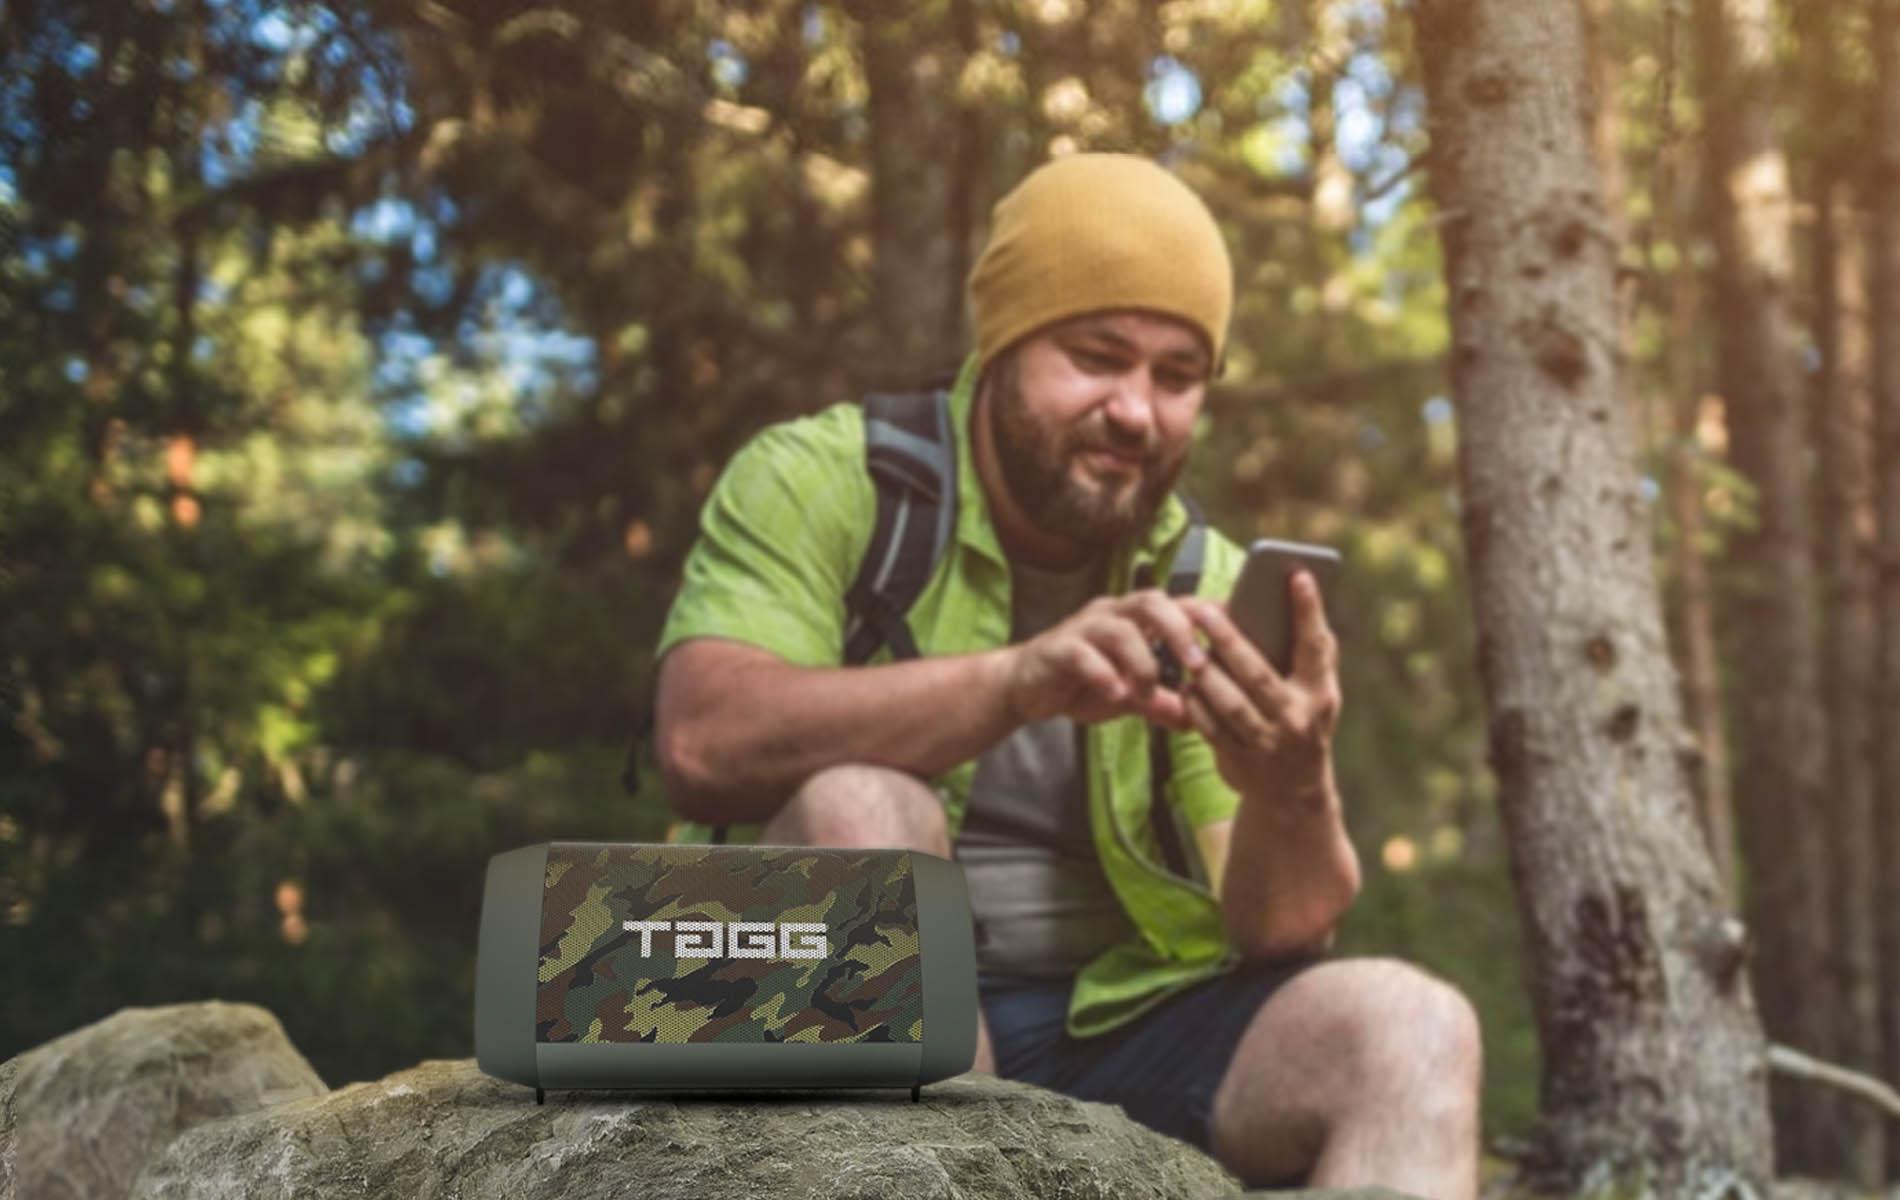 Long Battery Portable Wireless Bluetooth Speaker